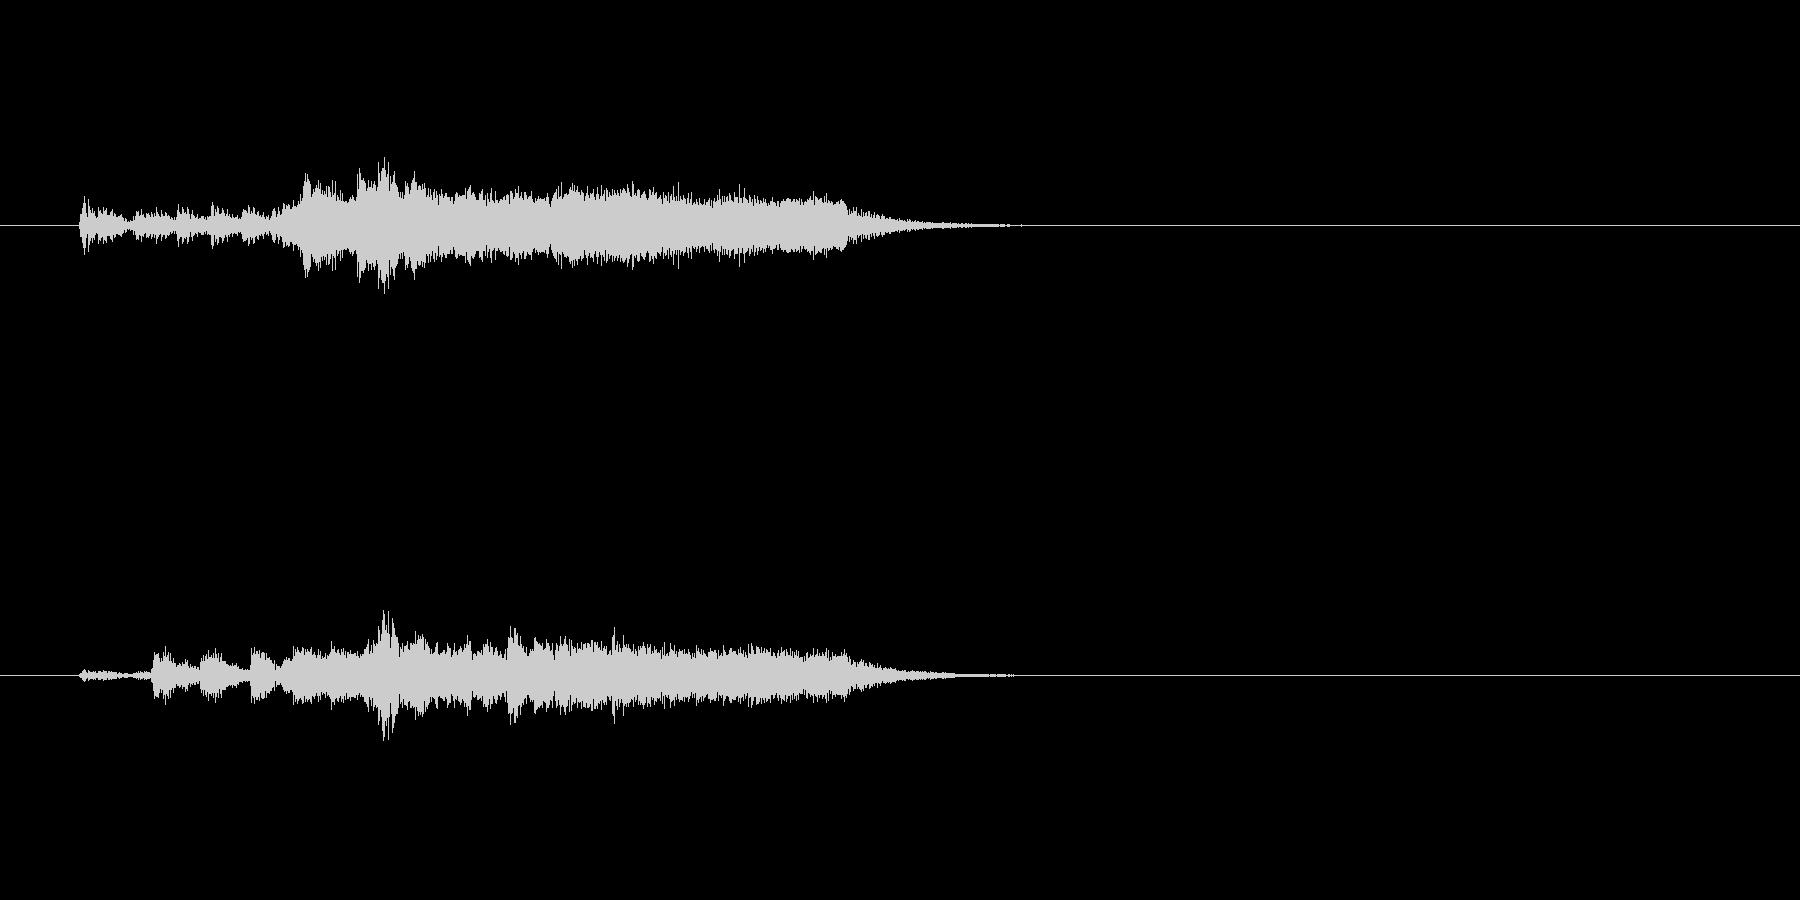 ジングル(近未来風サウンド)の未再生の波形